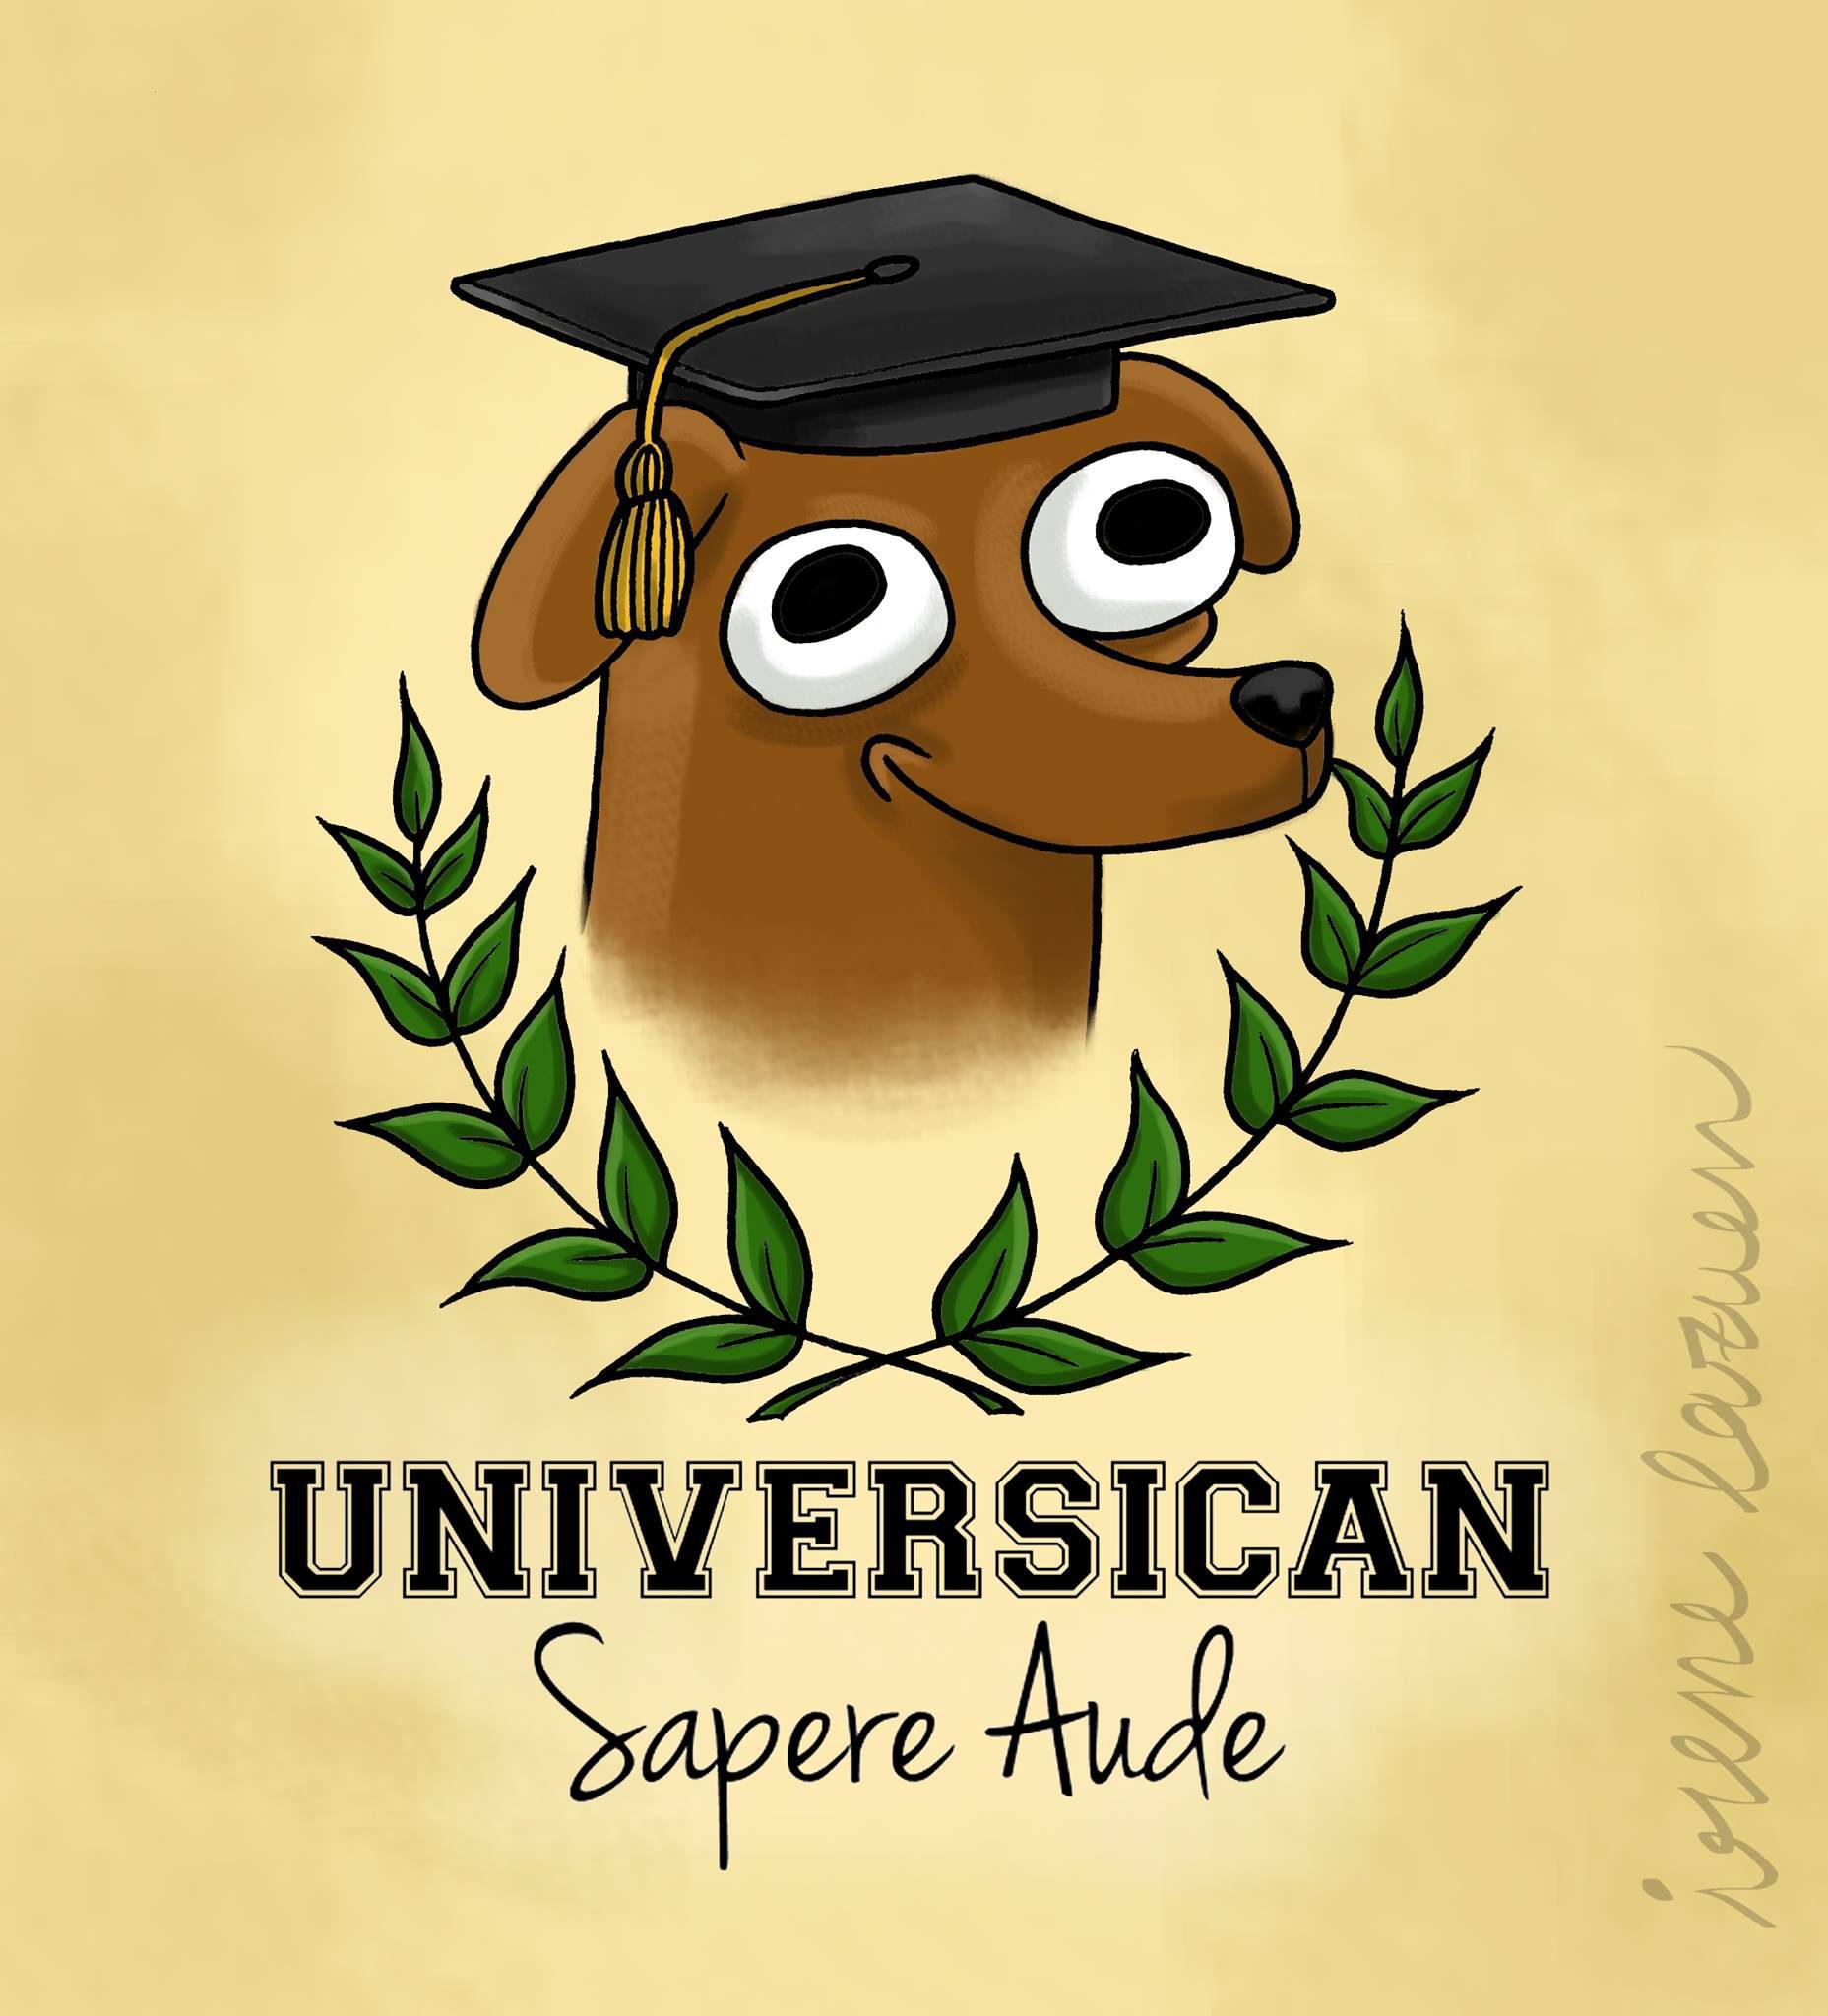 UNIVERSICAN